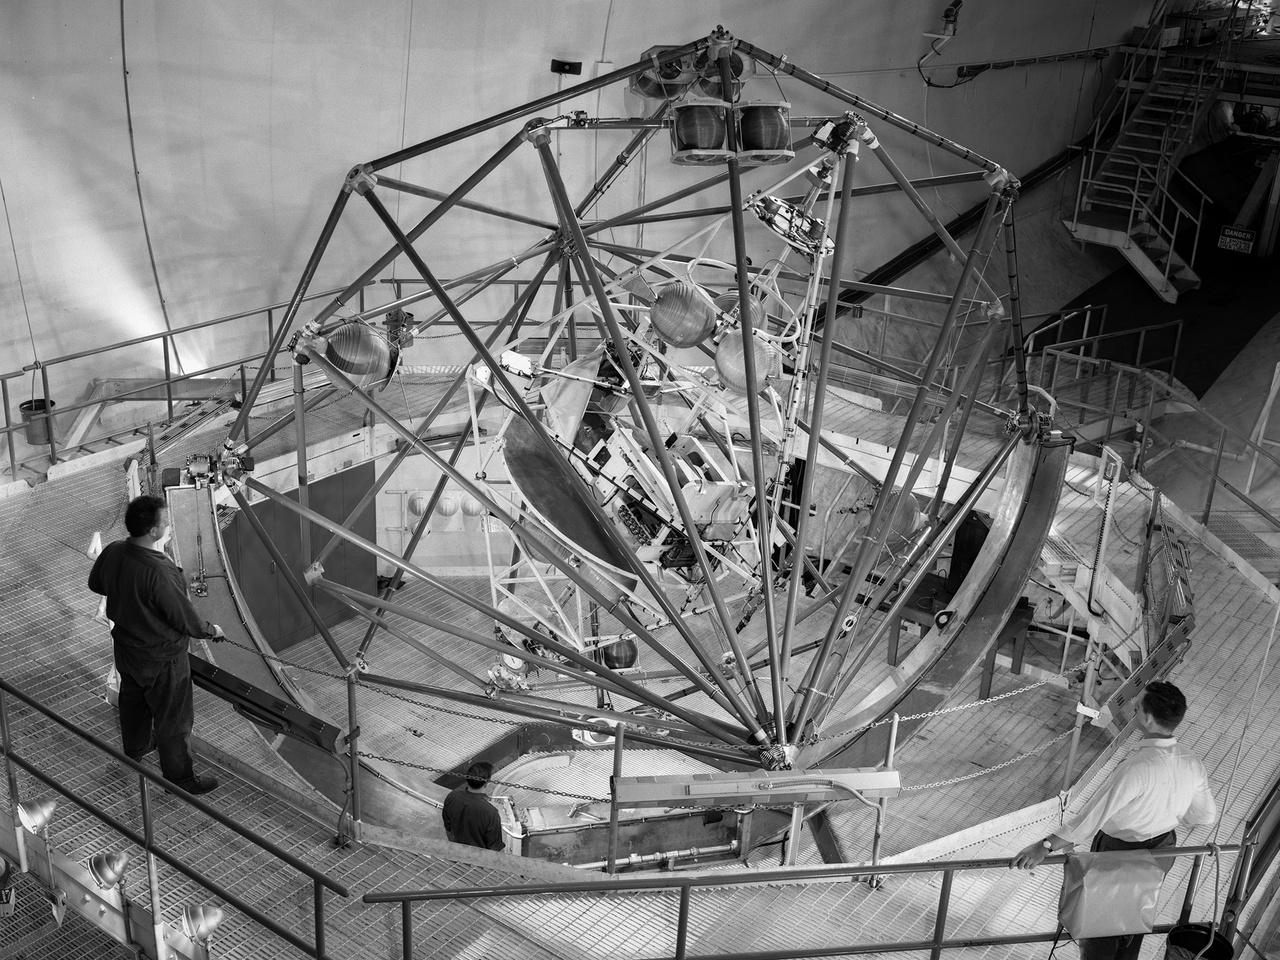 """A hatvanas évek elején így nézett ki a MASTIF, azaz a Multi-Axis Space Test Inertial Facility a NASA Lewis kutatóközpontjában. A több tengelyű forgással való megbírkózás azért volt létfontosságú, mert amennyiben nem a megfelelő pozícióban (azaz hőpajzzsal előre, a landolási ív irányában) érkezik az űrhajó a légkörbe, akkor megsemmisül a légköri súrlódás közben termelődő hő hatására, éppen ezért a MASTIF-ot már az űrprogram legelejétől, a Mercury űrhajósok kiképzésénél is használták. A vezérléstől függően percenként akár 50 fordulattal is pöröghettek a pilóták, akiknek kis nitrogénfúvókákkal kellett a pörgés ellenében stabilizálni a szimulátor """"fülkéjét""""."""